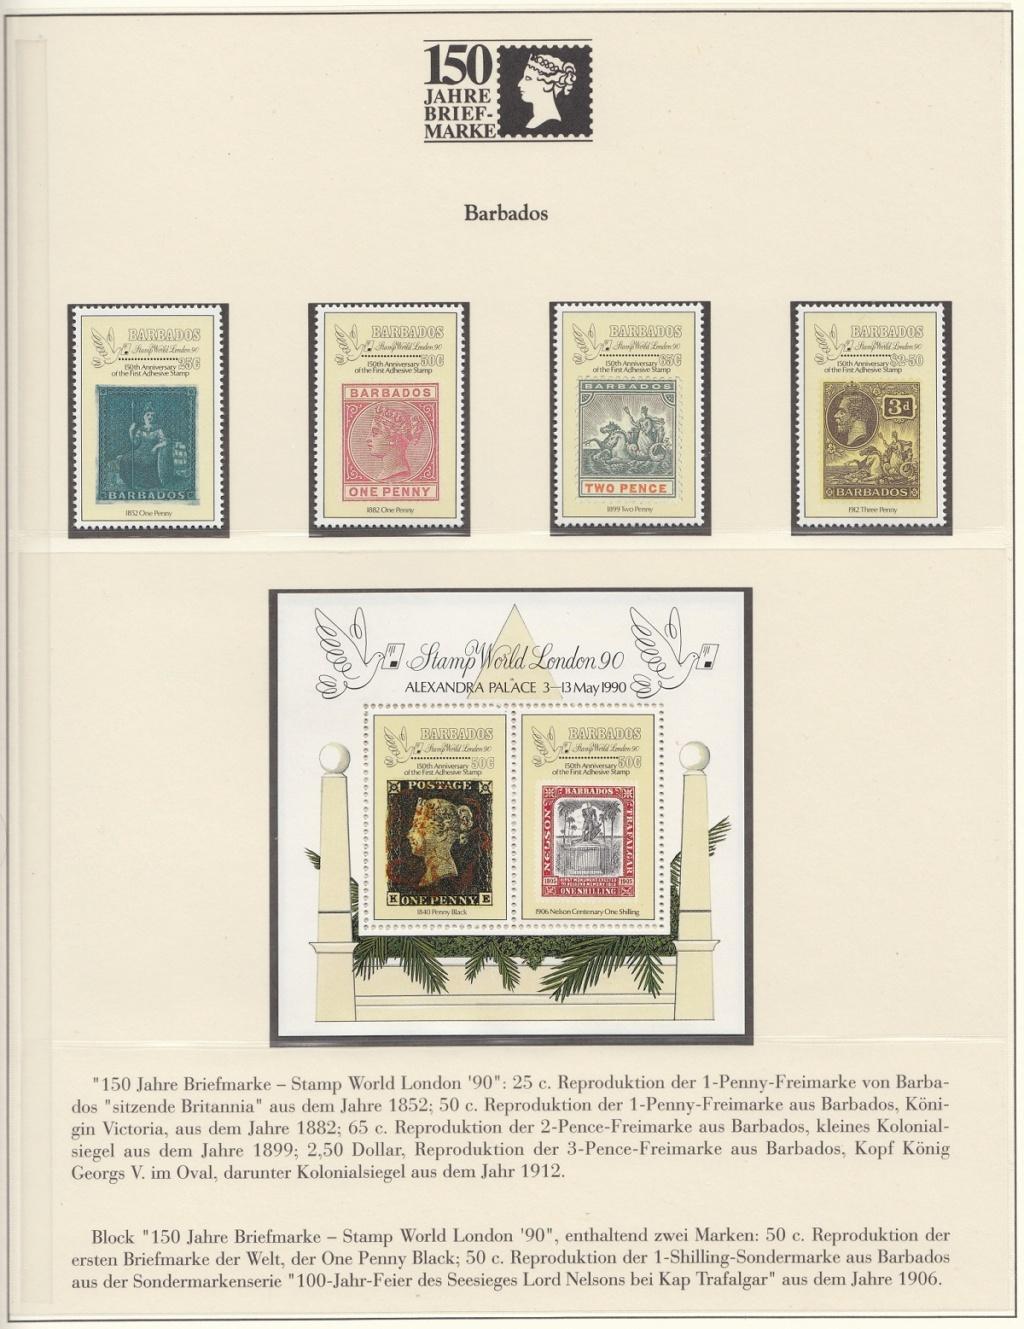 180 Jahre Briefmarke 150-1210